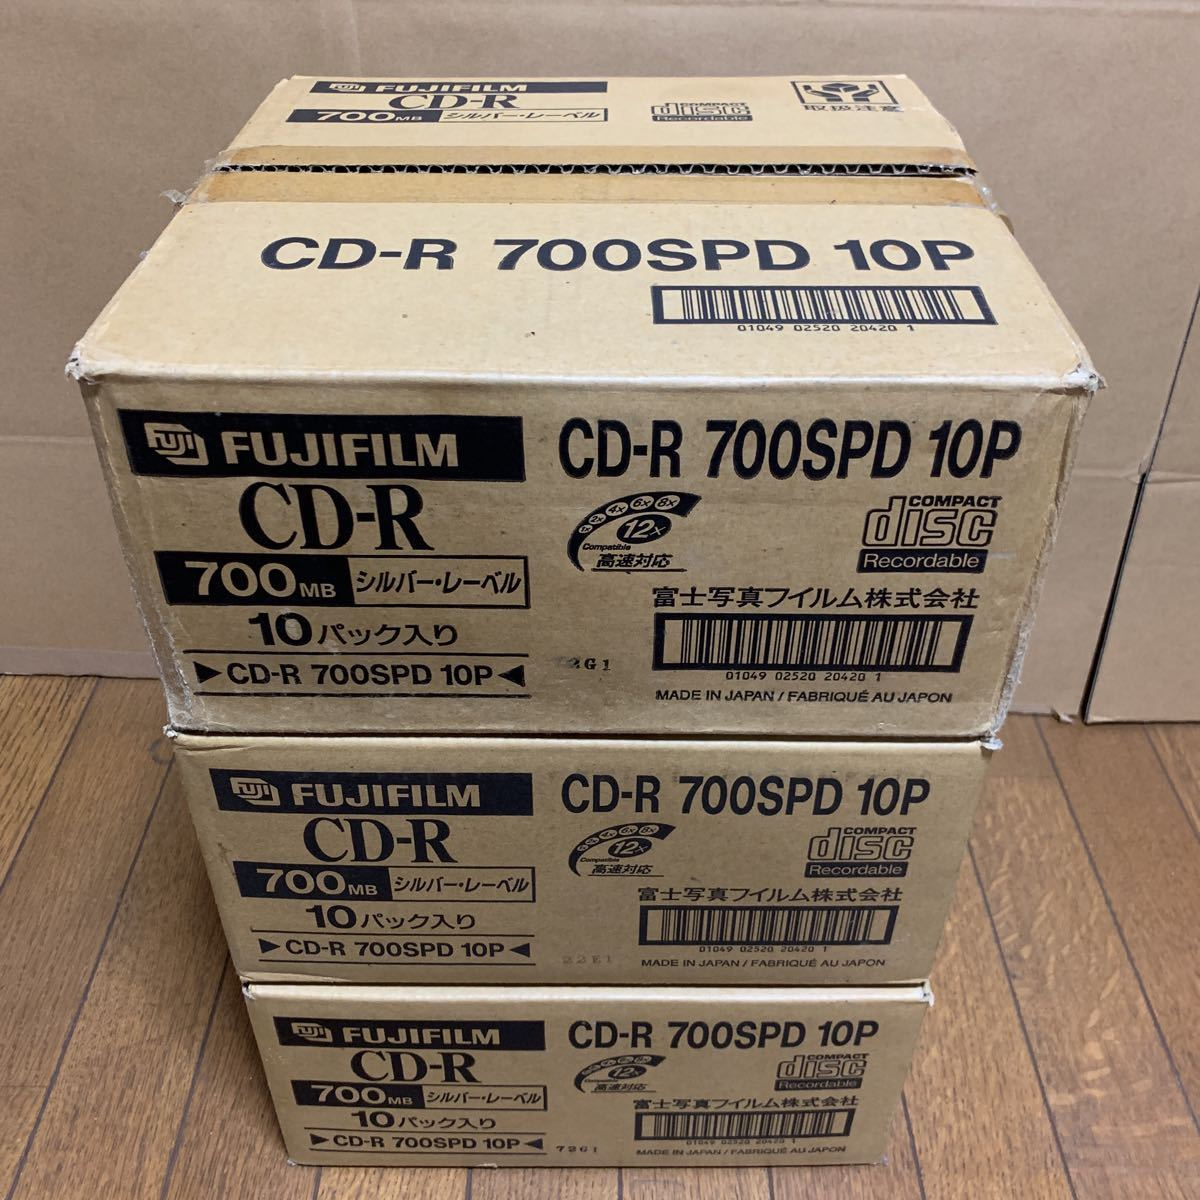 【未使用】FUJIFILM 富士フイルム CD-R 700SPD 10P 700MB シルバーレーベル 10パック入り×2箱 9パック入り×1箱 全29パックセット